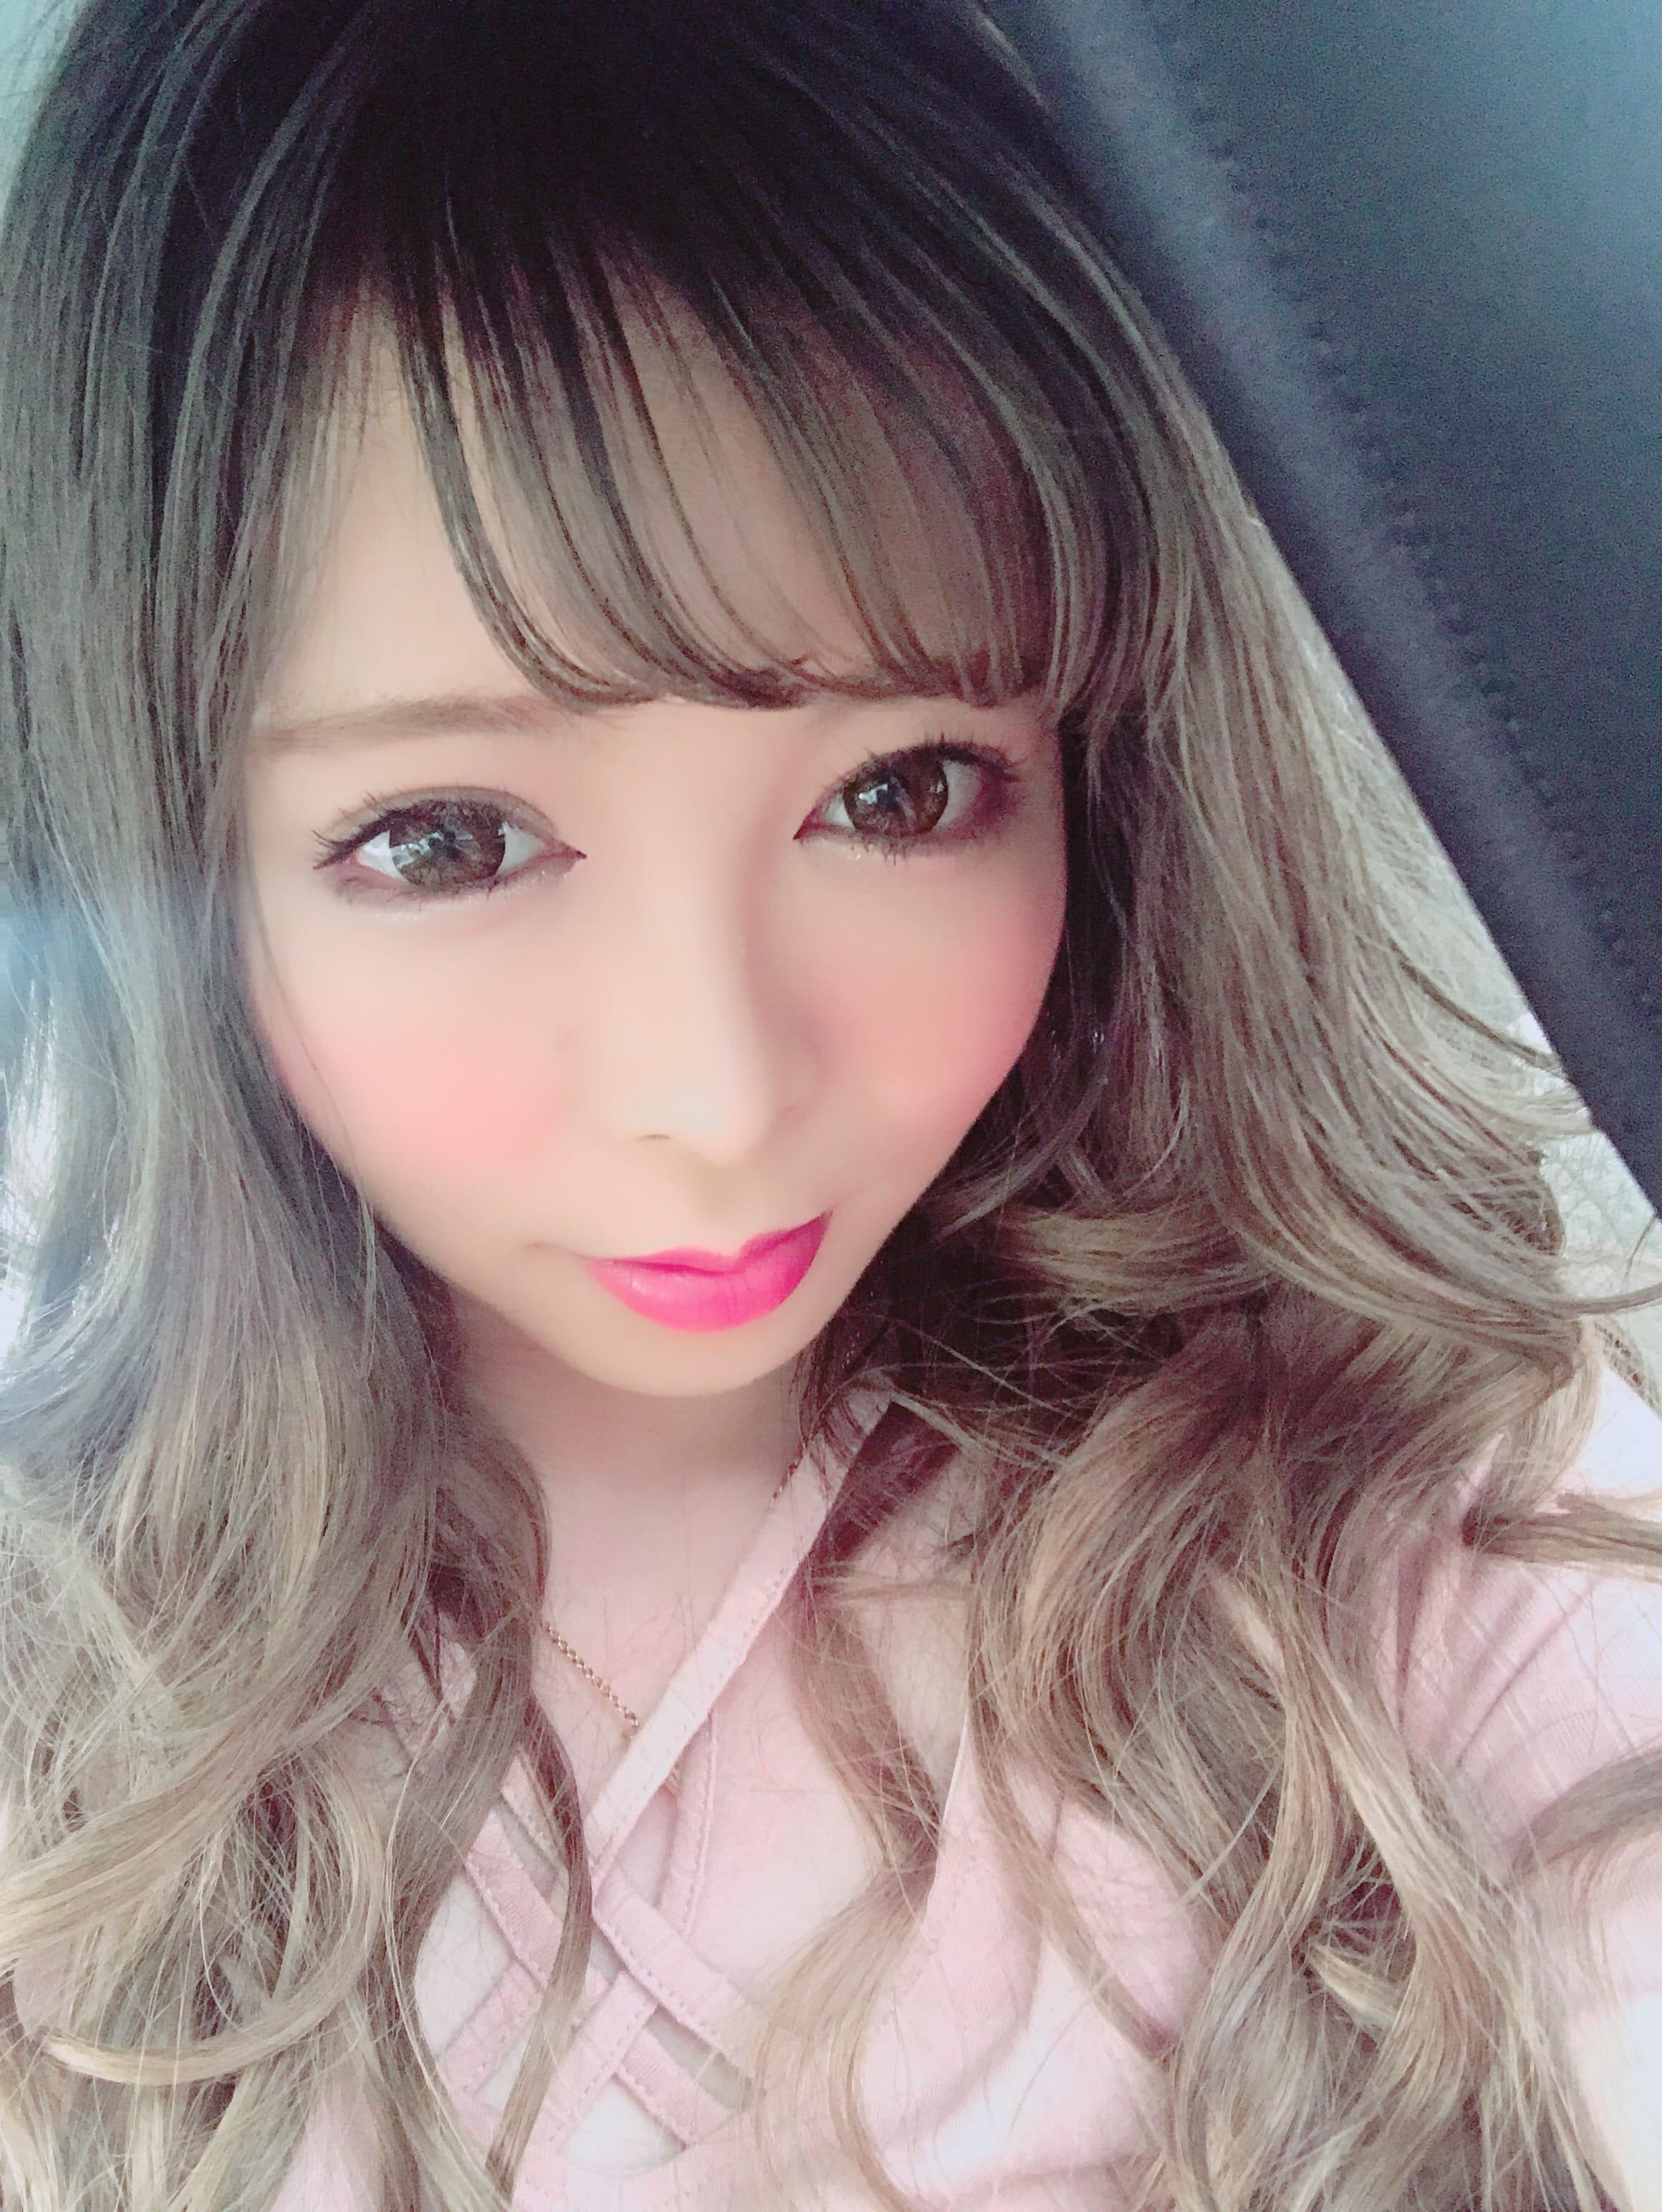 「おはようございます♡」03/31(土) 15:03 | モエ★★の写メ・風俗動画